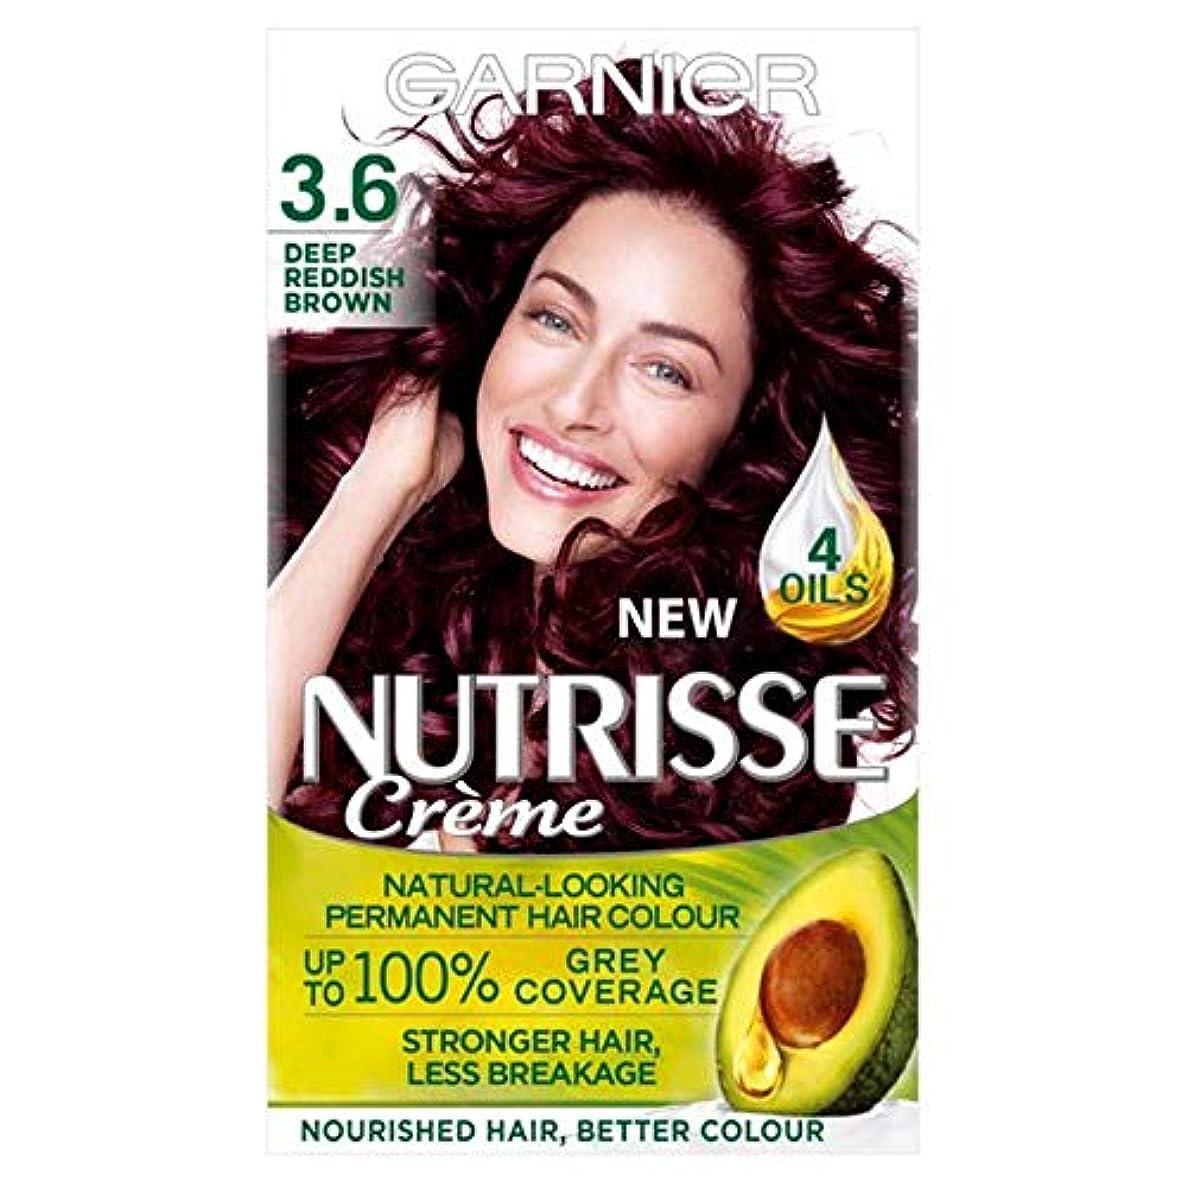 クリスチャン打撃対処[Nutrisse] 3.6深い赤褐色の永久染毛剤Nutrisseガルニエ - Garnier Nutrisse 3.6 Deep Reddish Brown Permanent Hair Dye [並行輸入品]